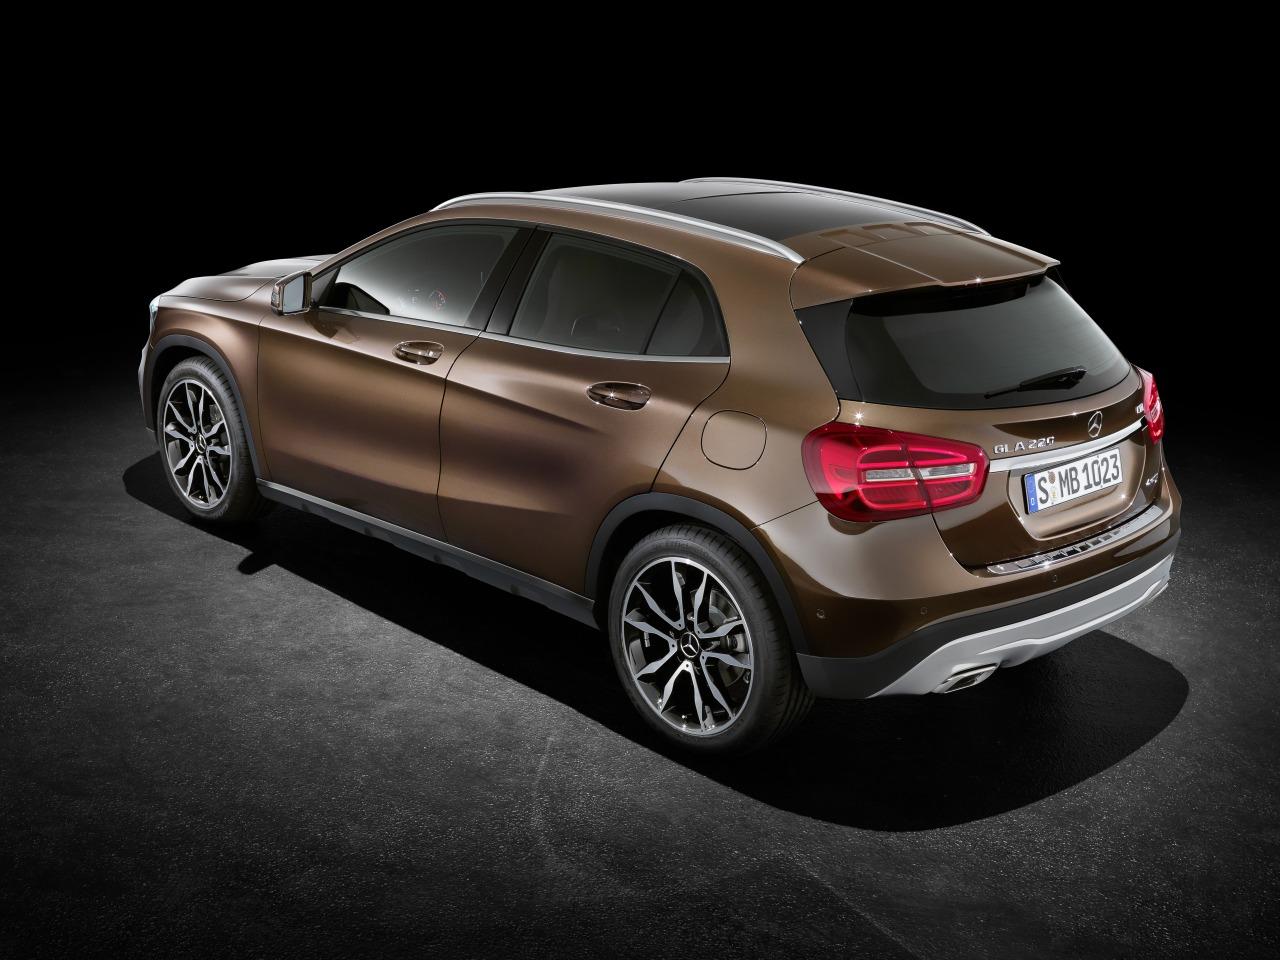 Nuevo Mercedes Clase GLA: precios y rivales - Noticias ...